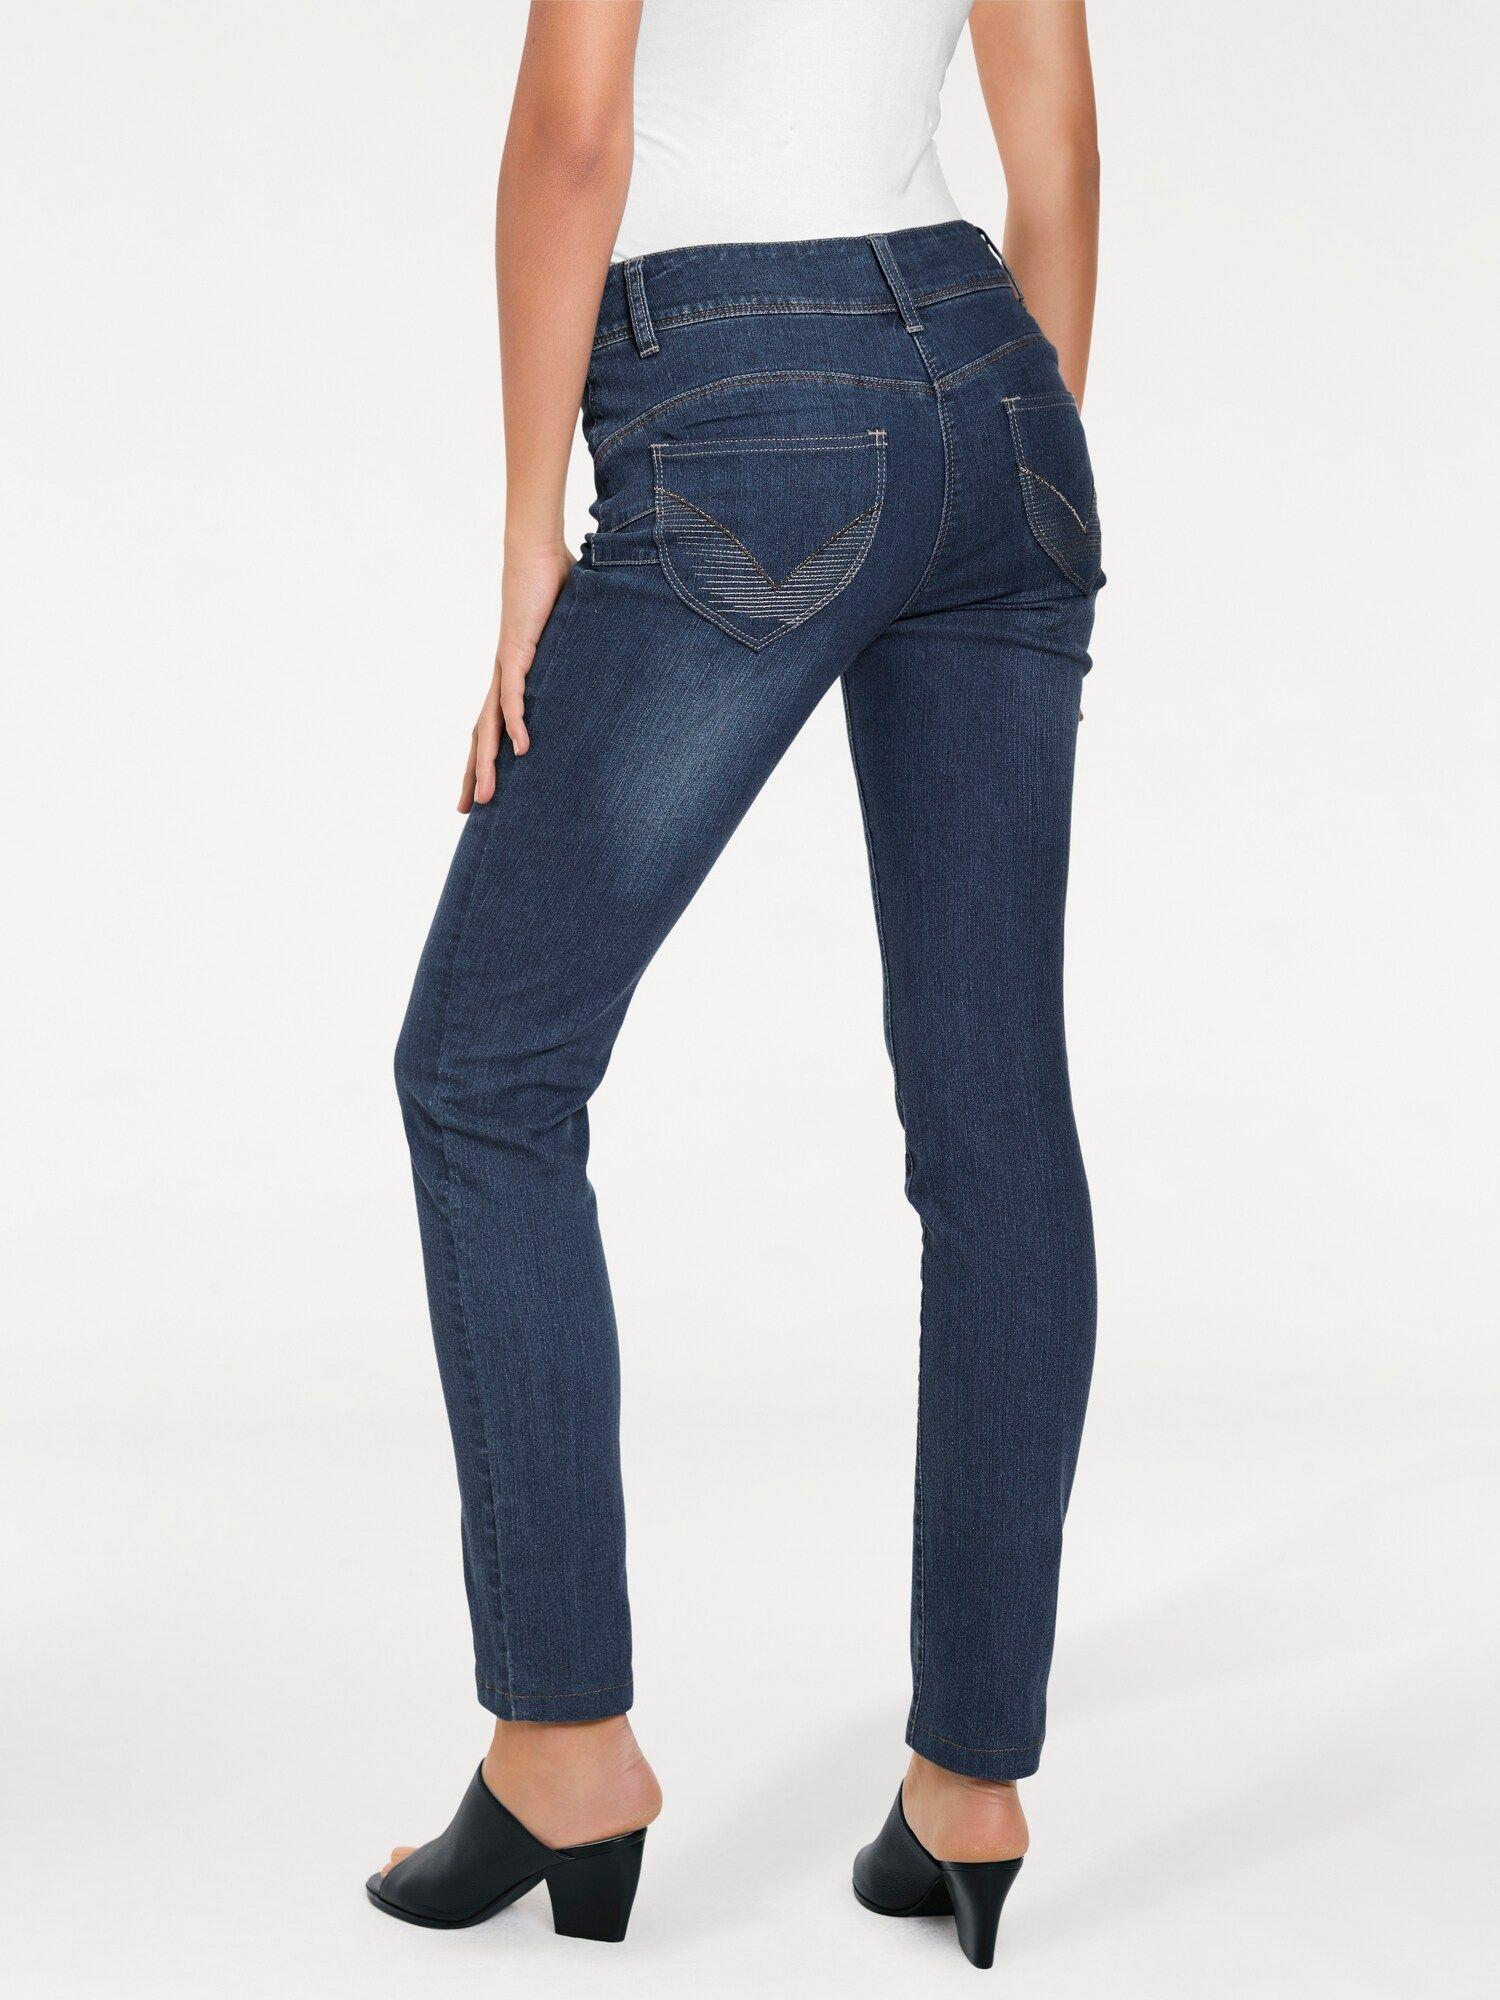 Heine Bodyform Jeans Damen, Blue Denim, Größe 3940